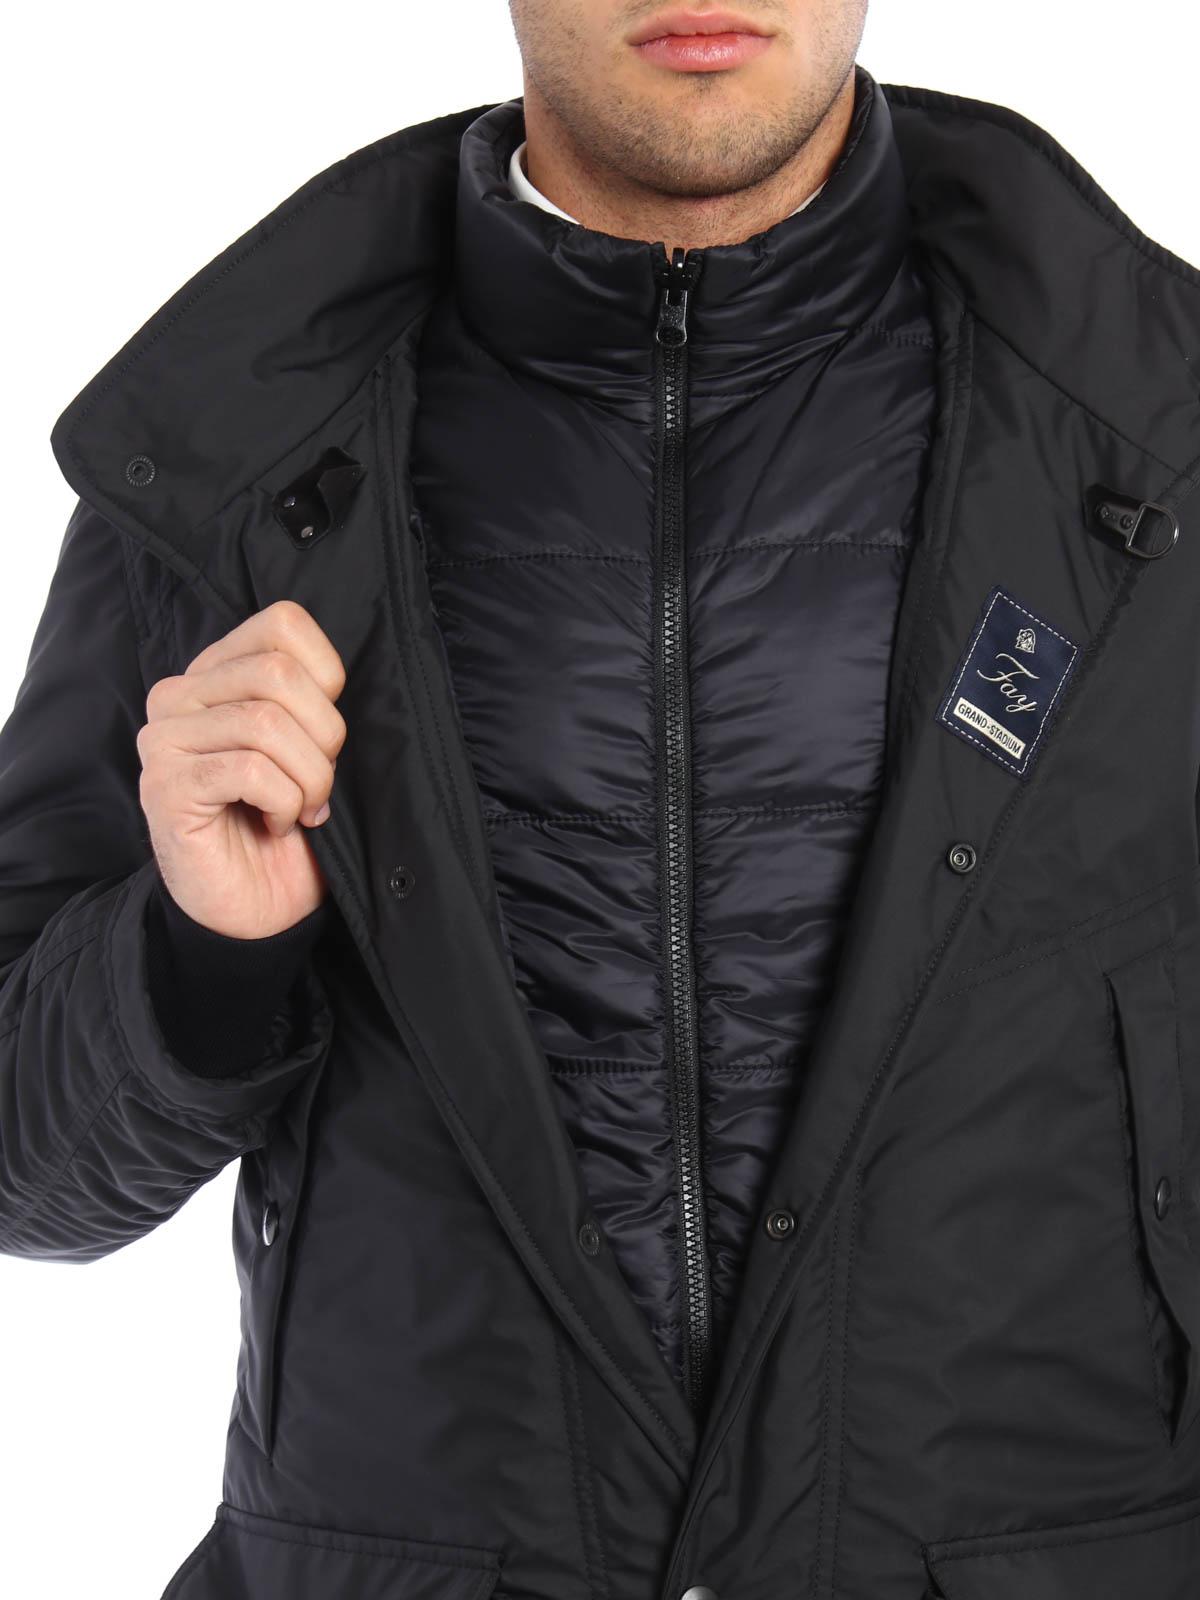 buy cheap 1befc a3bdf Fay - Giaccone con gilet imbottito - giacche imbottite ...